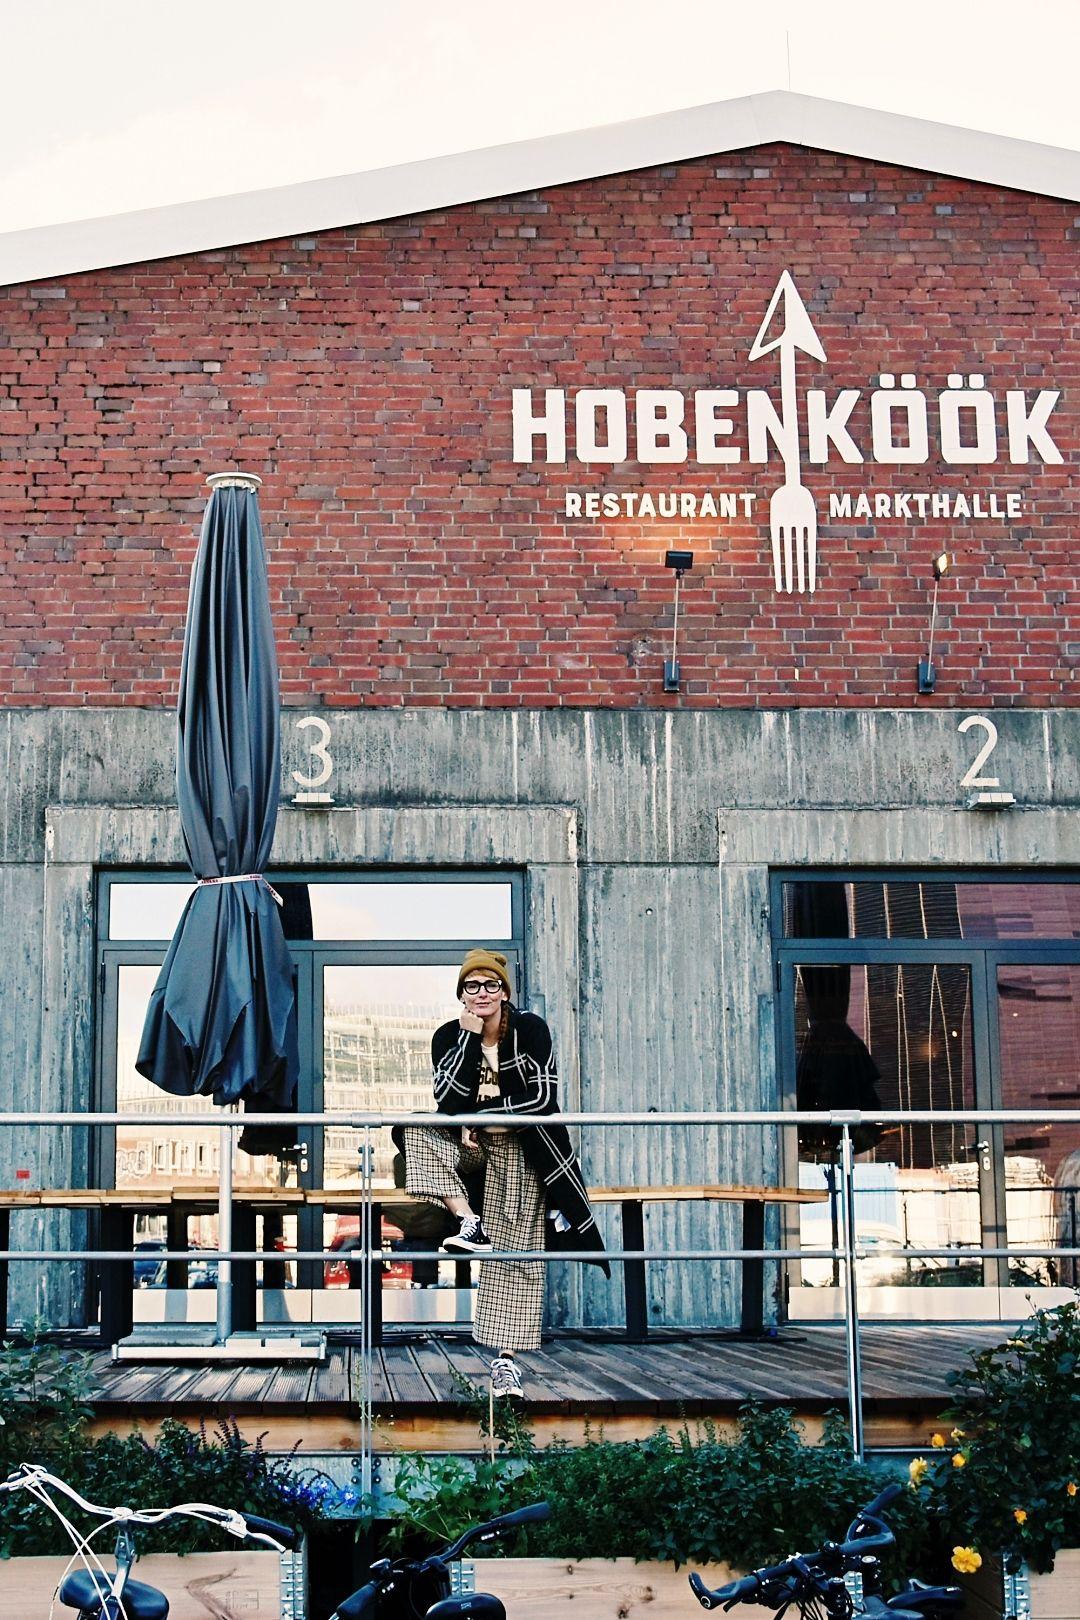 Hamburg Tipp Die Hobenkook Markthalle Regional Saisonal Hamburg Tipps Hamburg Guide Restaurant Hamburg